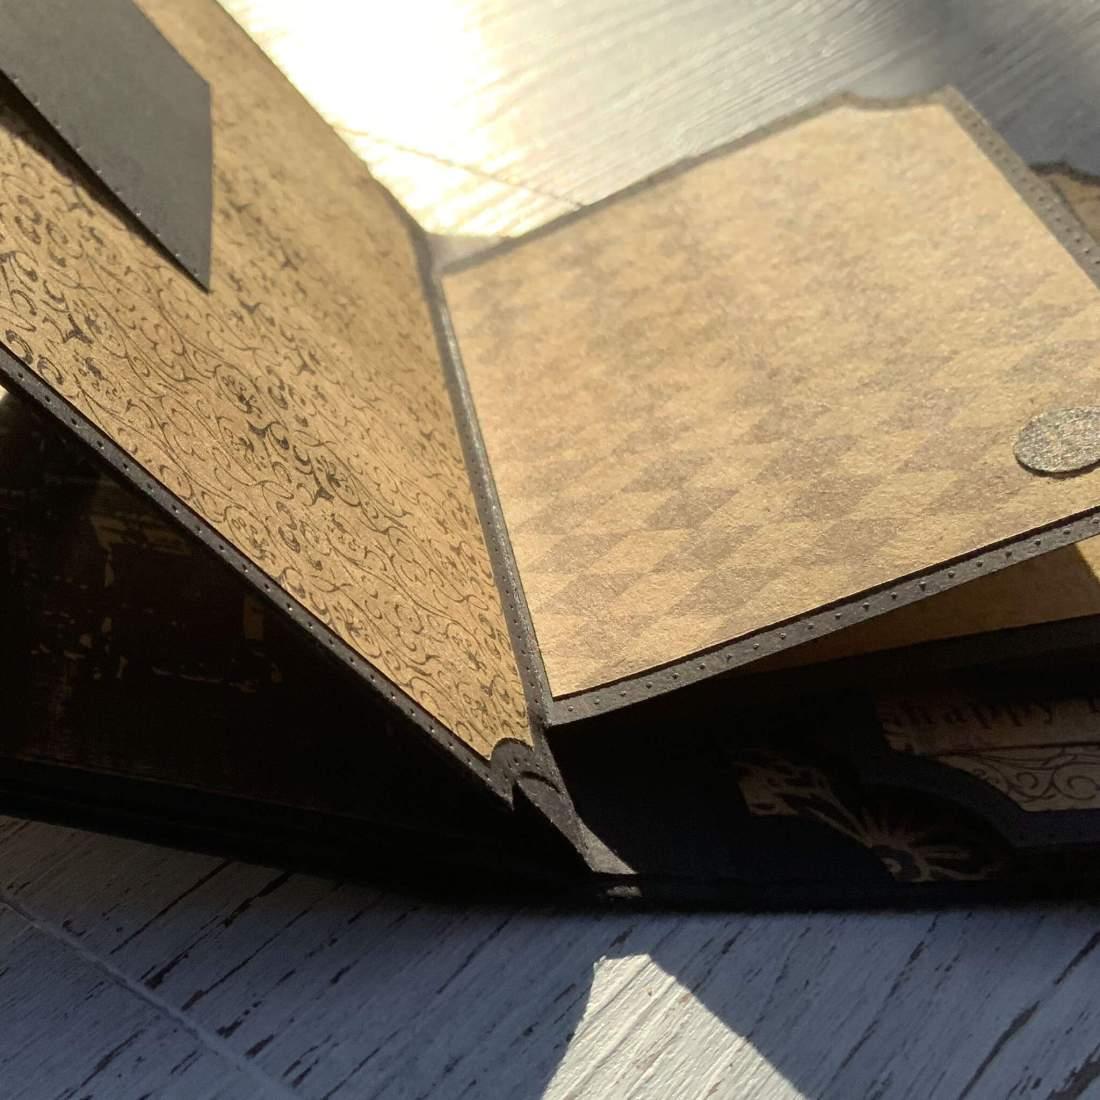 Tutorial: Tonic Studios Simple Spines Die Keepsake Book Maker Stanzschablonen Bindung Hidden Hinge